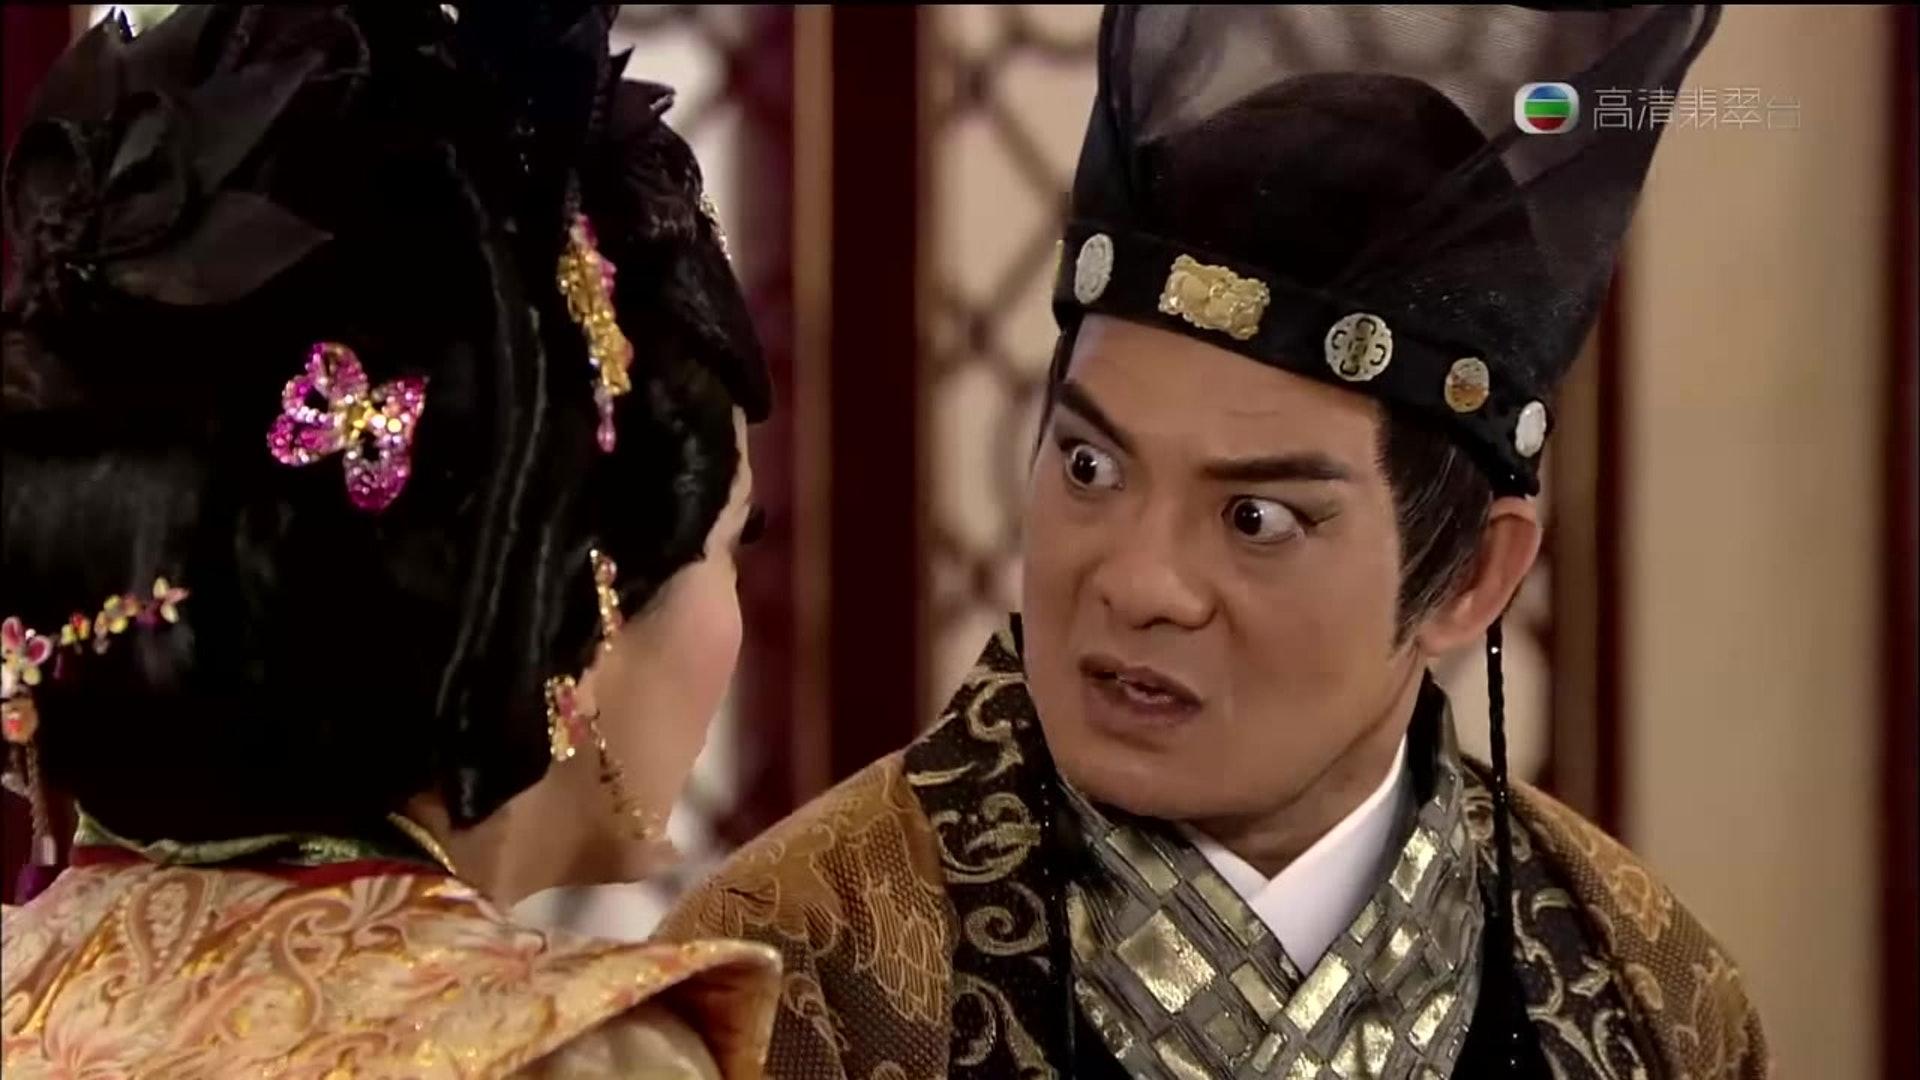 09年的《宮心計》李國麟飾演的奸角馬元贄十分出色,入圍當年的頒獎禮〈最佳男配角〉提名,更入到最後五強。(《宮心計》截圖1)